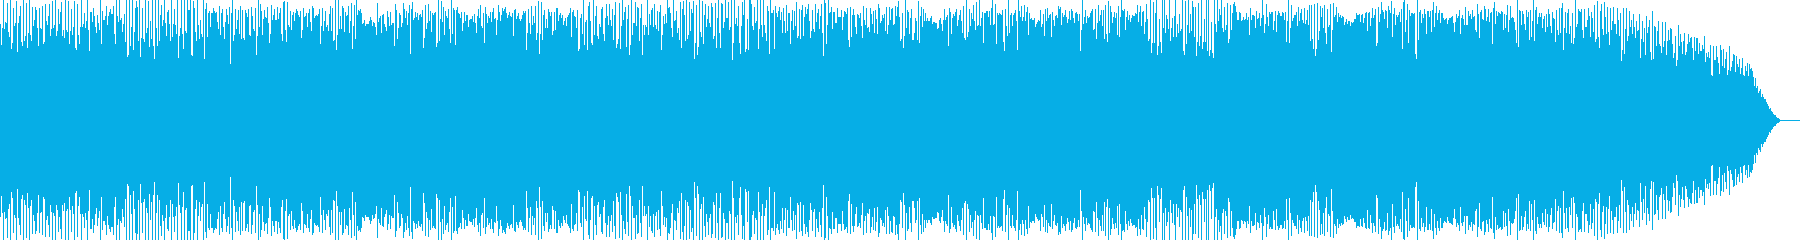 懐かしい思い出を味わえる楽曲の再生済みの波形